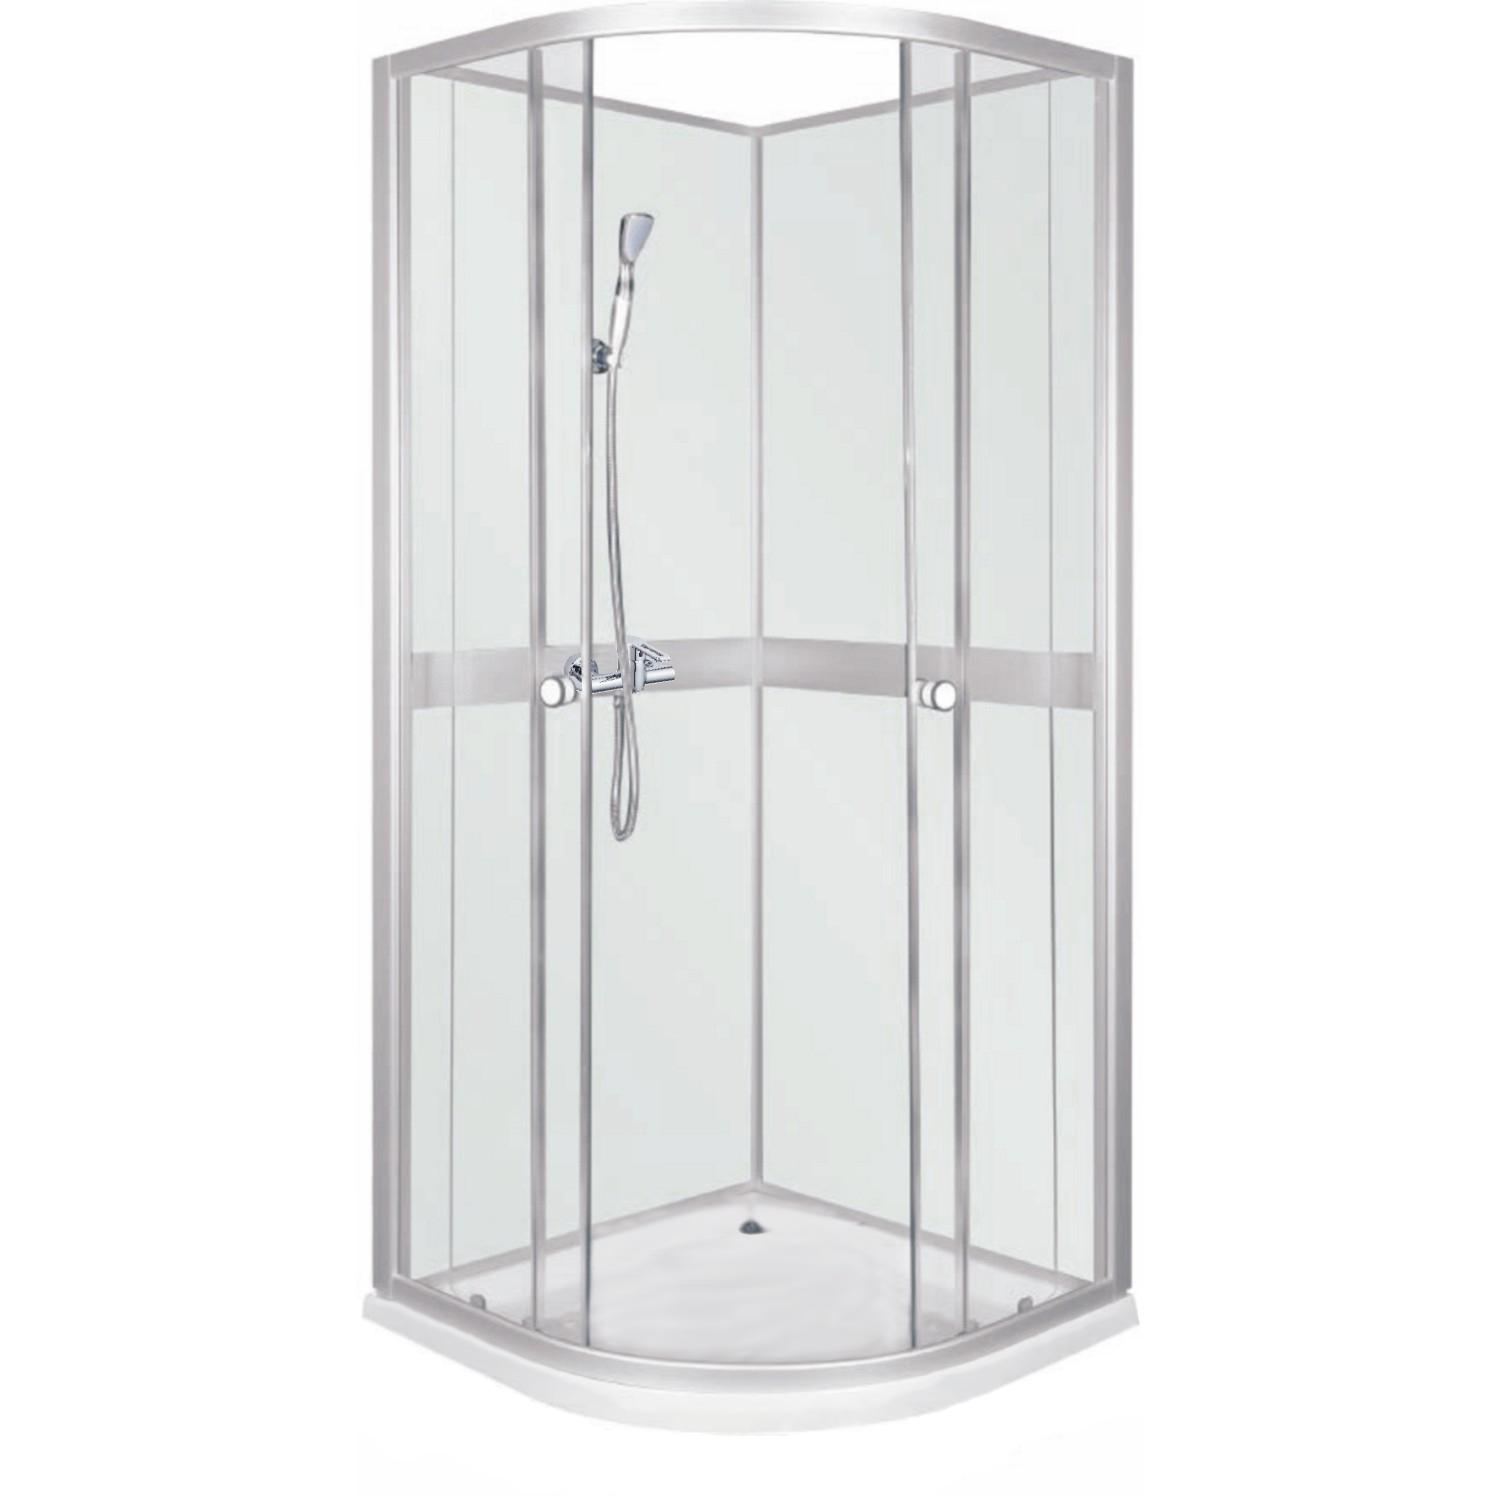 NANCY 90 ALEXSTONE Well Sprchový box bílý s mramorovou vaničkou, skladem